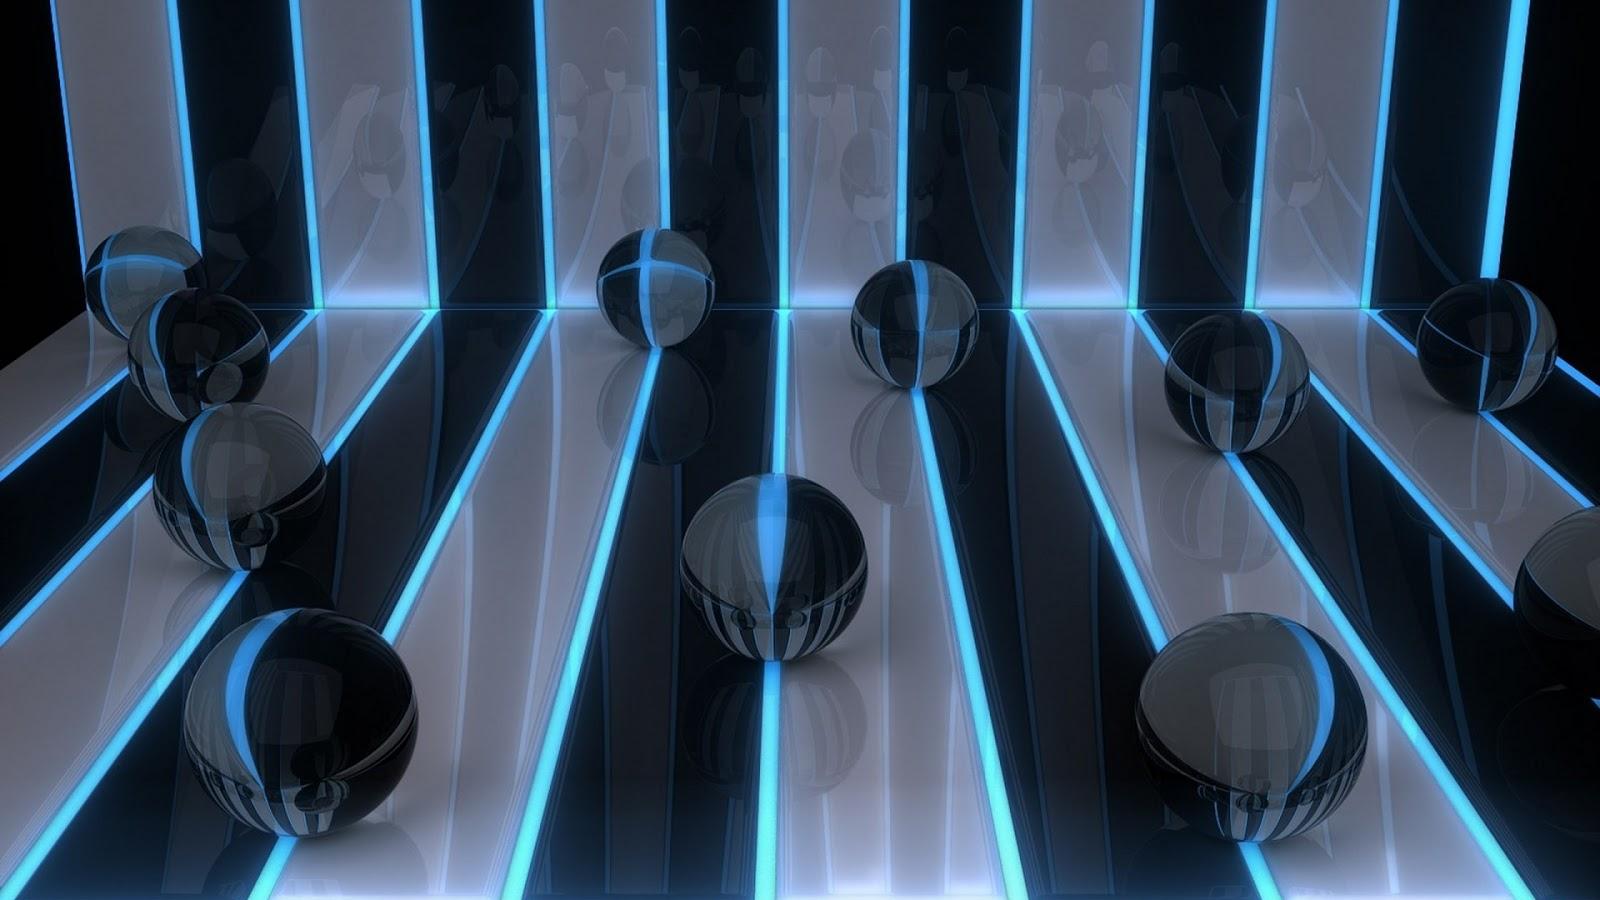 خلفيات ثلاثية الابعاد ماهى الخلفيات ثلاثيه الابعاد عبارات